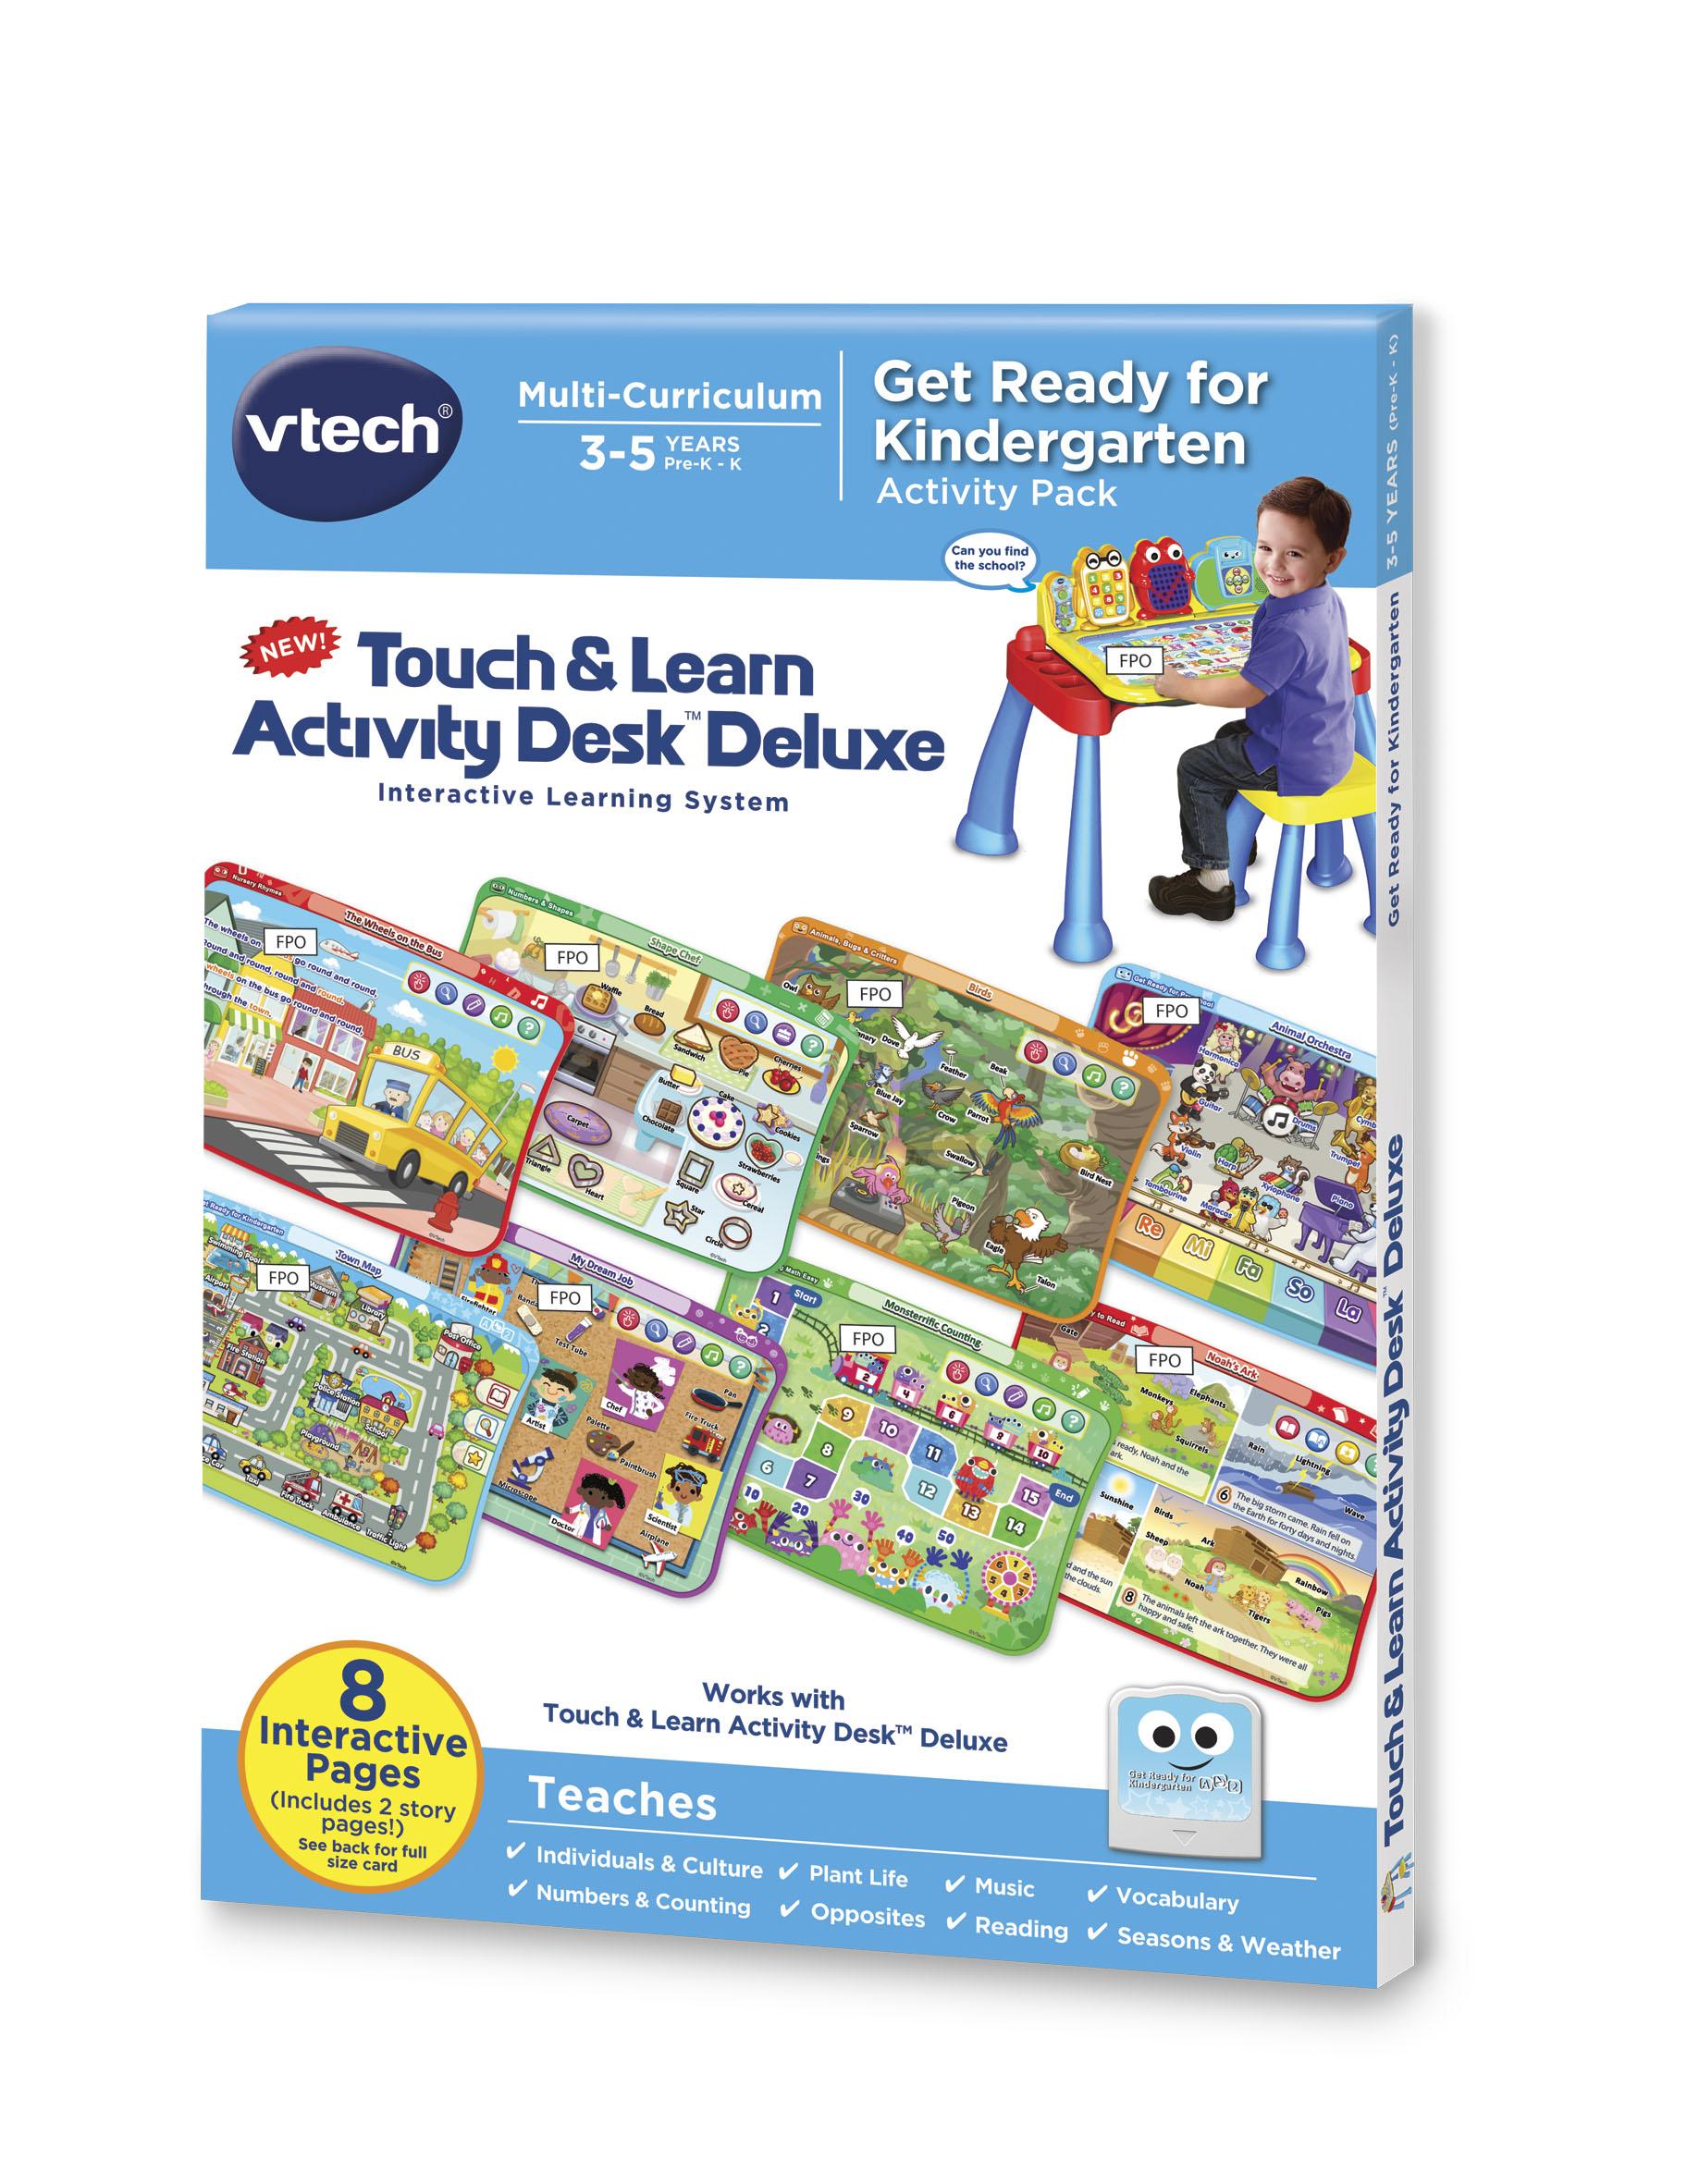 Activity Desk Deluxe - Get Ready for Kindergarten